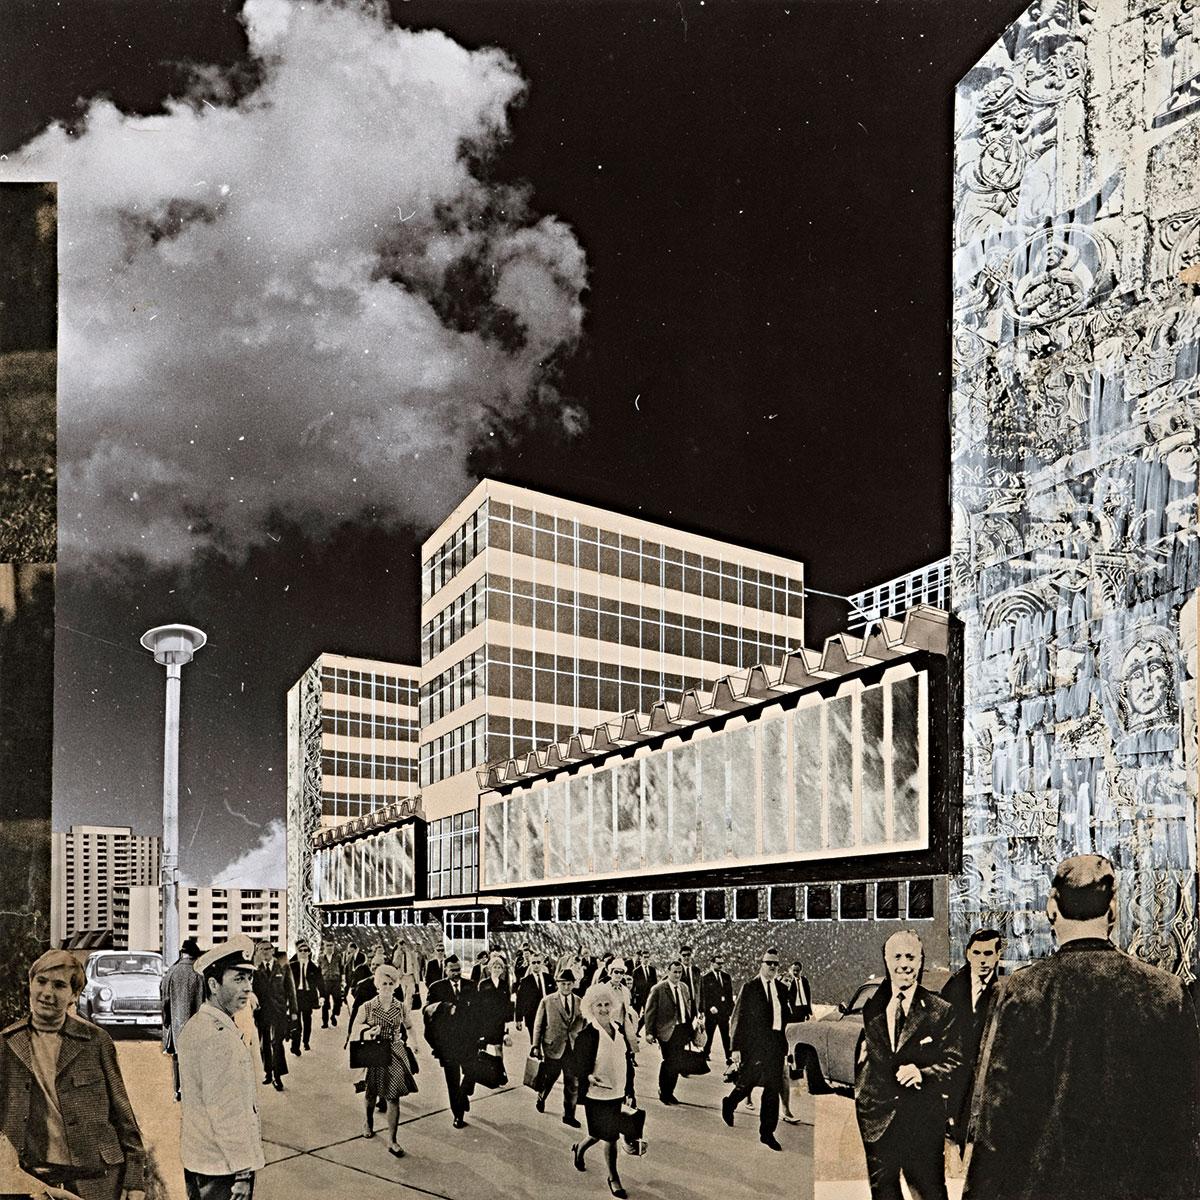 Dieter Urbach, Entwurf für das Bürogebäude des Allgemeinen Deutschen Nachrichtendienstes, um 1968, 70×49 cm; Berlinische Galerie, Berlin © Dieter Urbach / Berlinische Galerie / Repro: Kai-Annett Becker